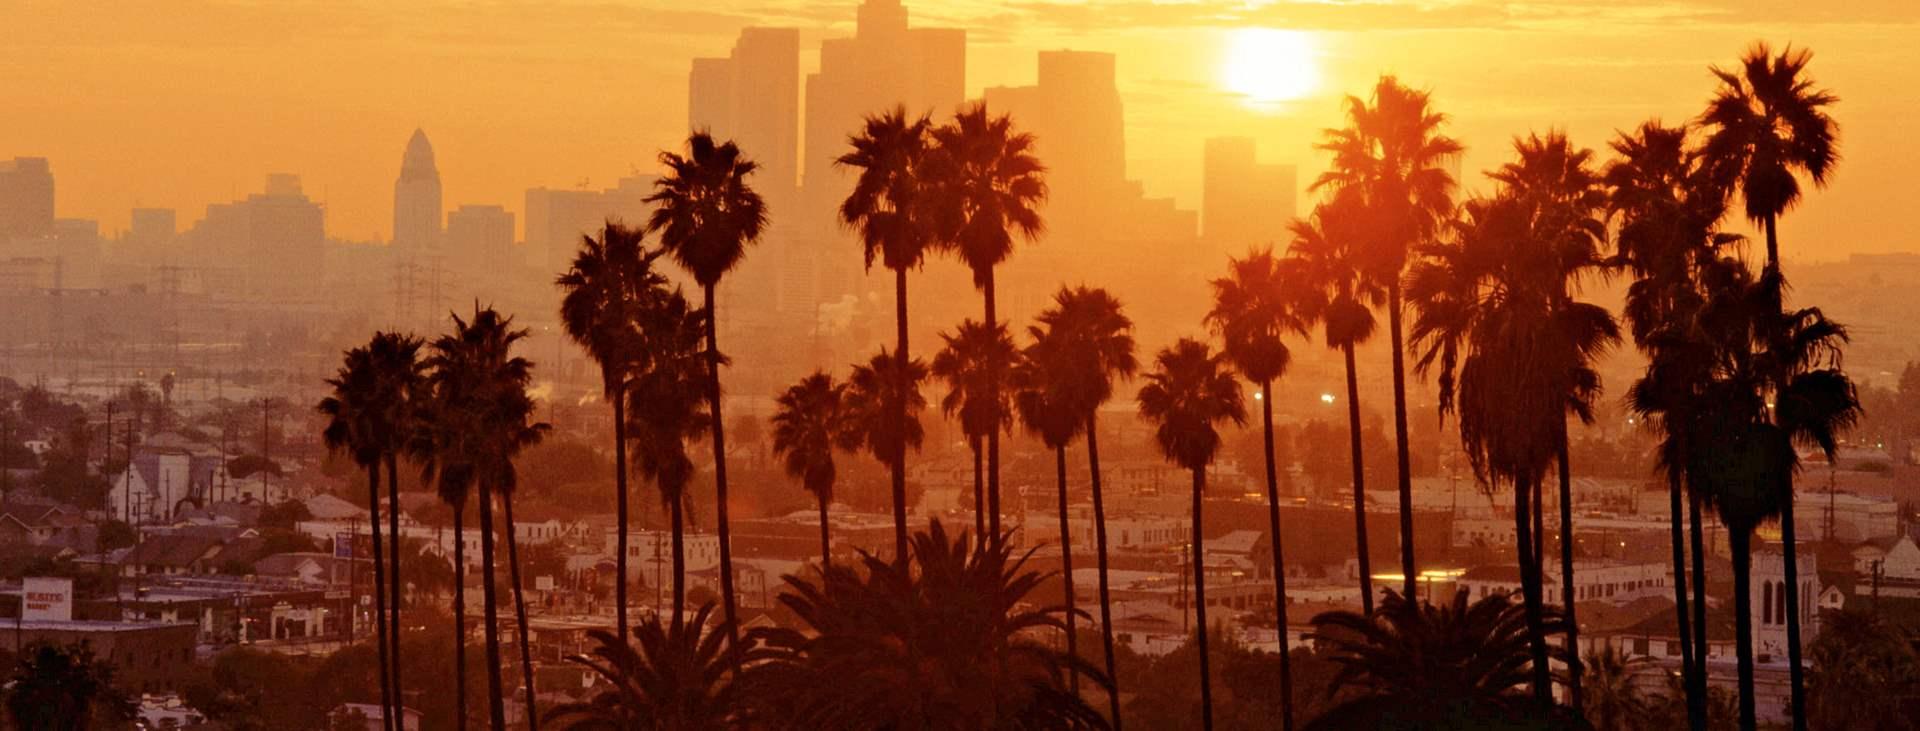 Bestill en reise med Ving til Los Angeles i USA